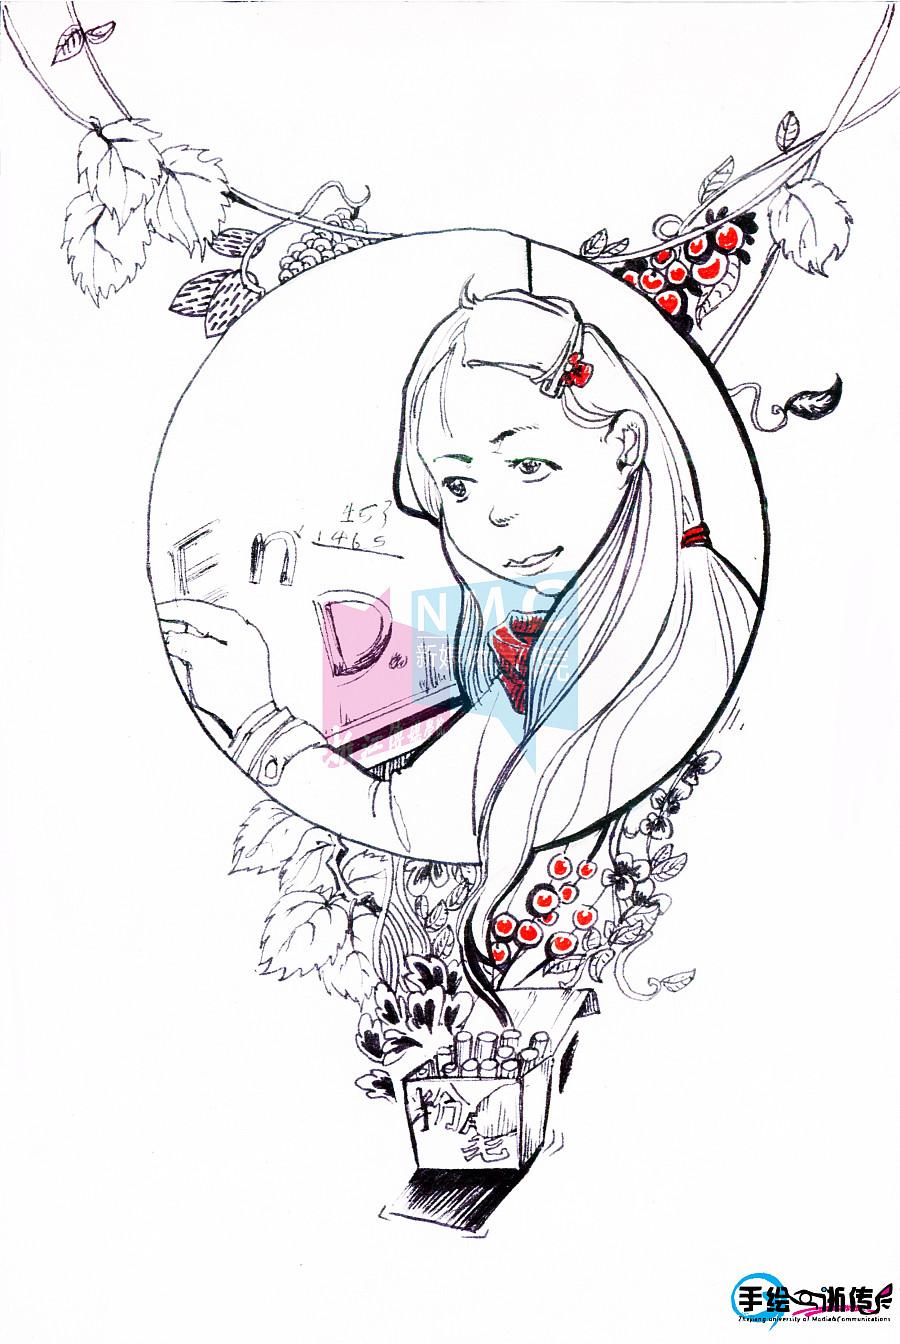 新媒体手绘浙传明信片(新媒体学院成立五周年纪念款)